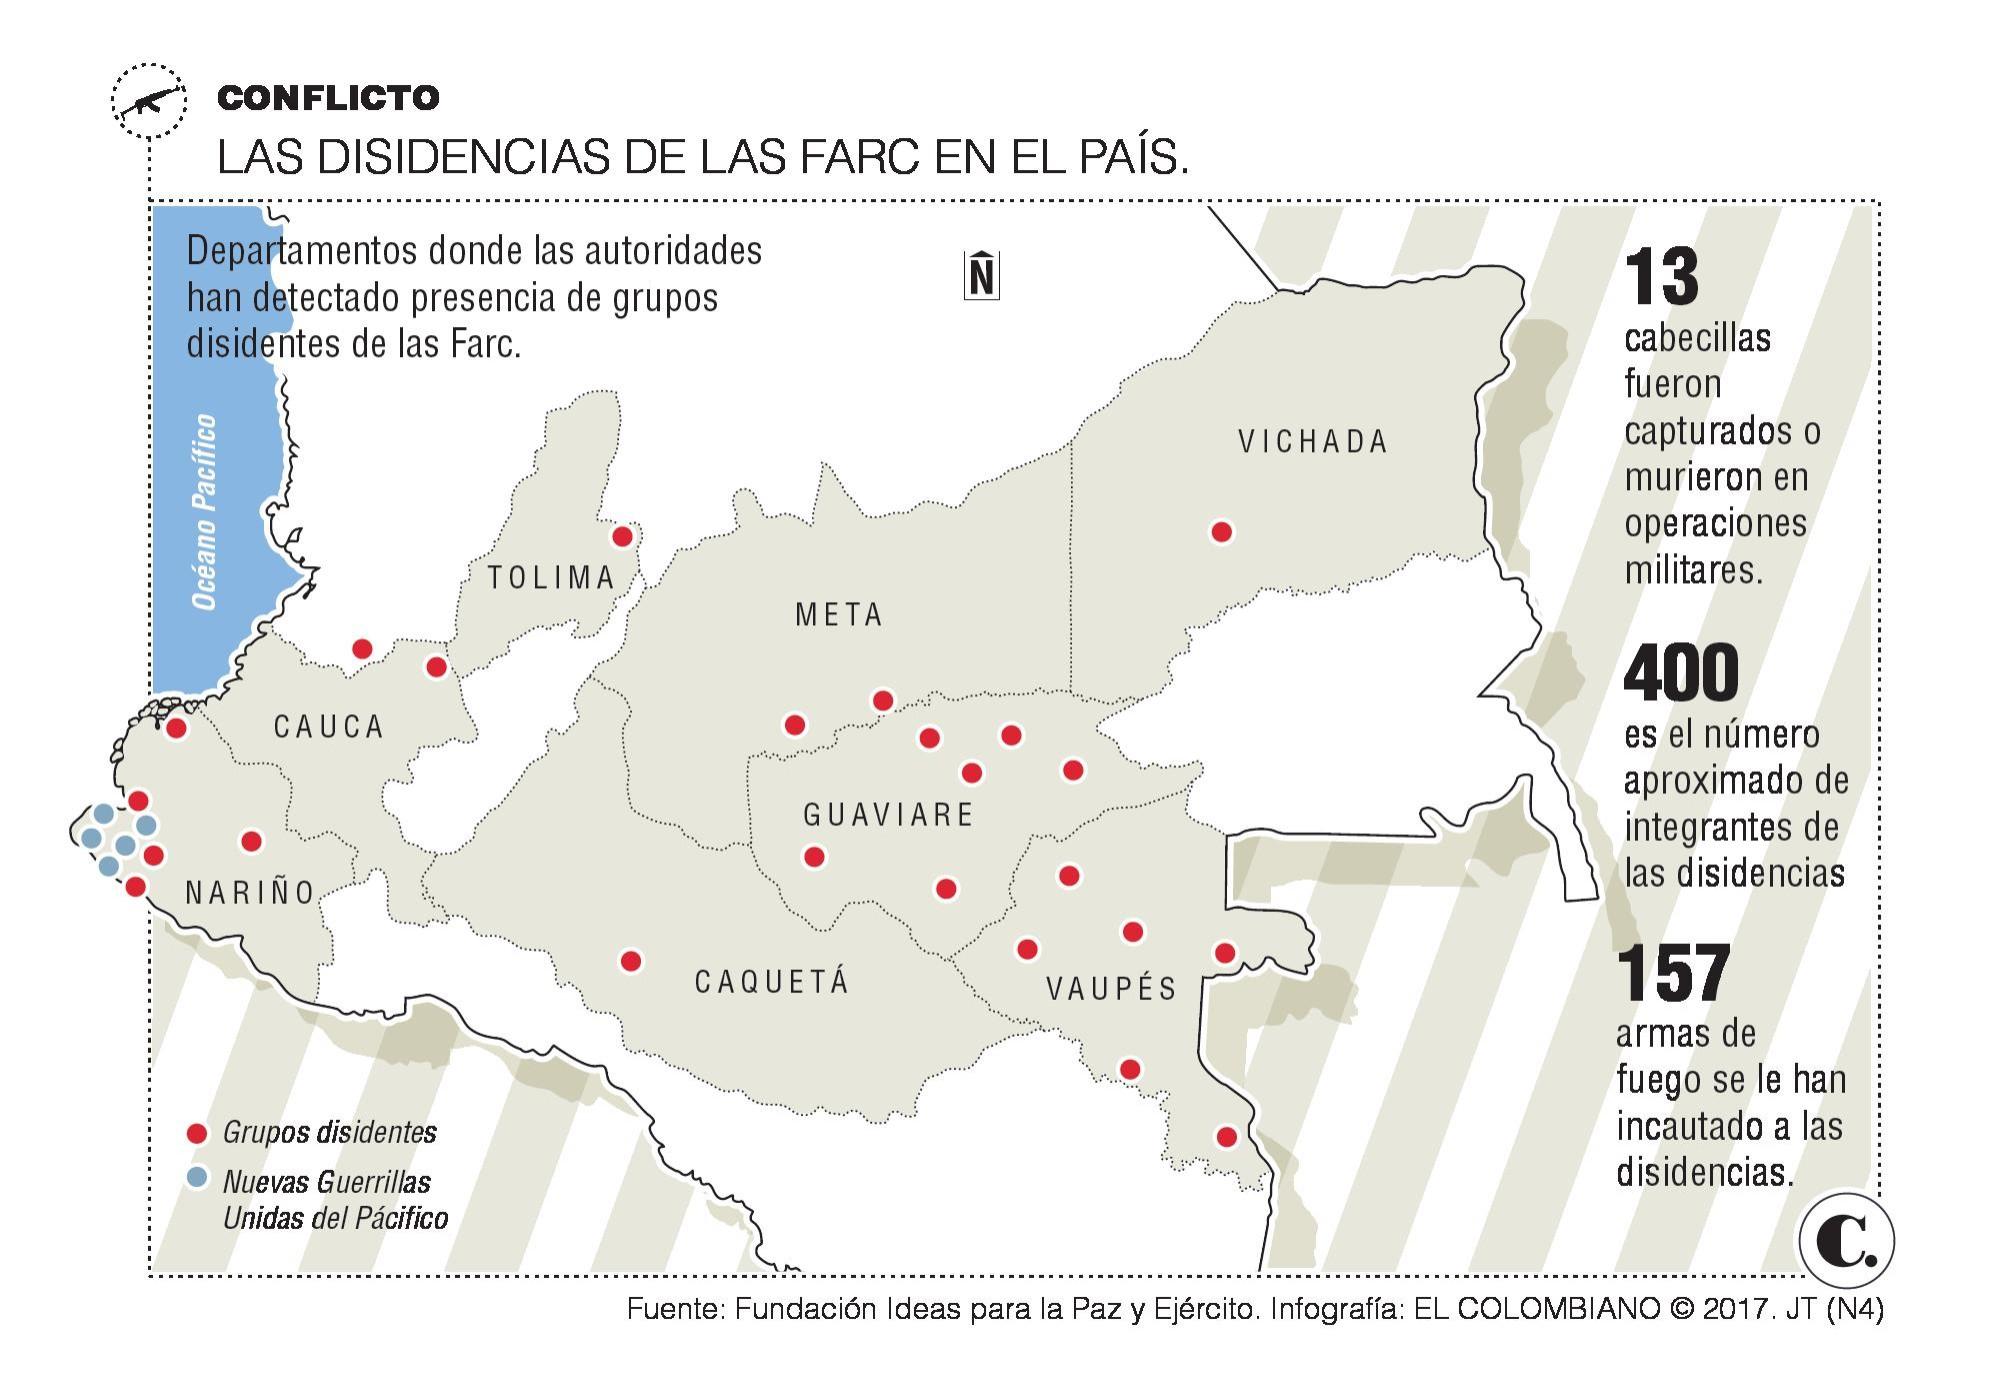 Disidencias de las Farc ya están en 8 departamentos